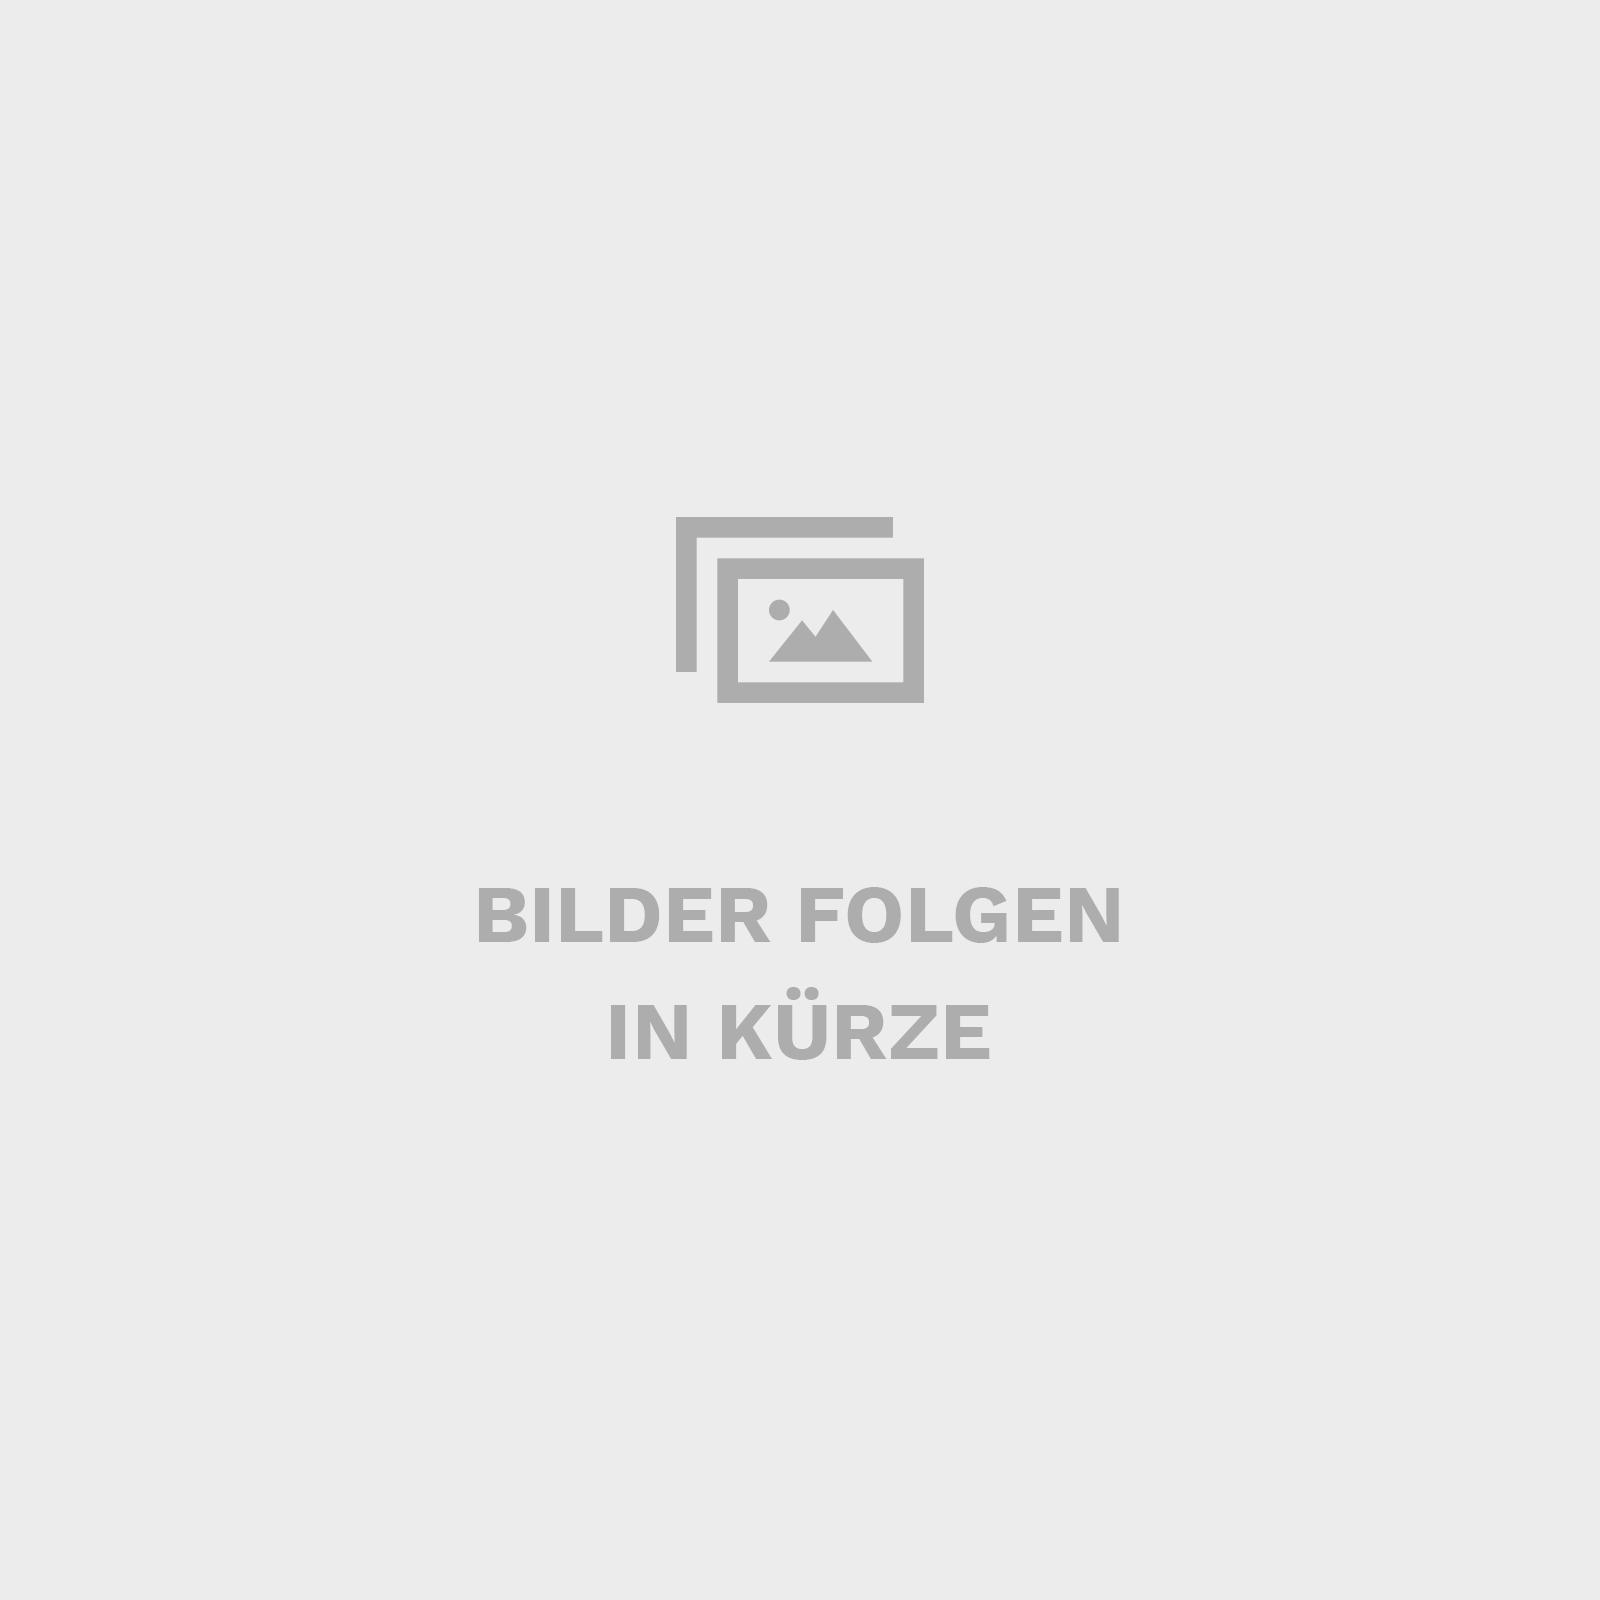 Mino 28 - Farbe grass & Mino 18 - Farbe orange